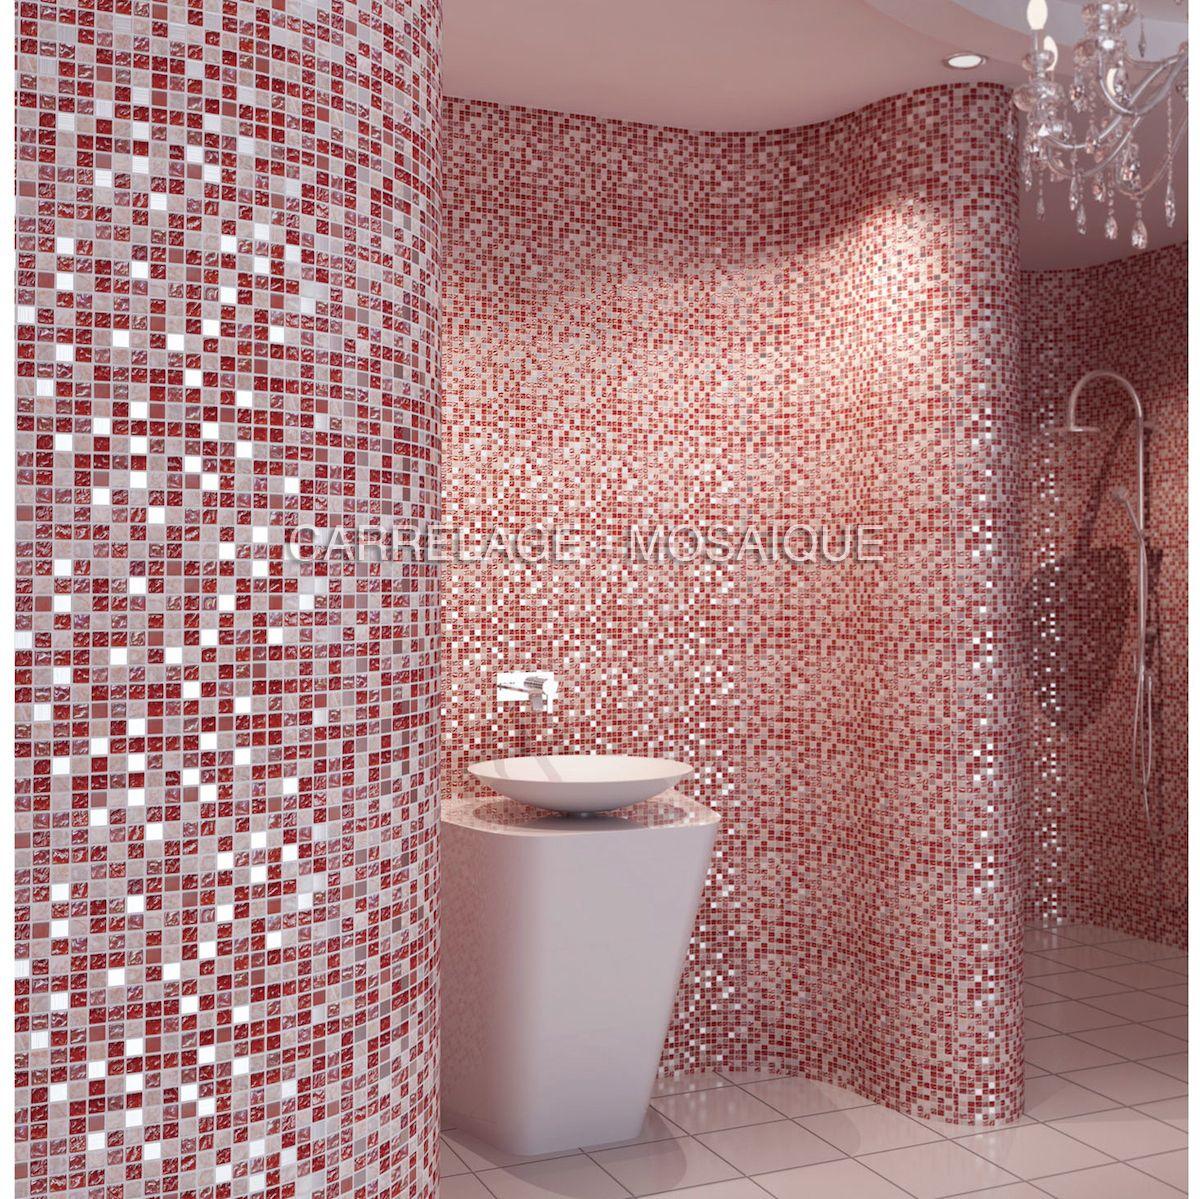 Mosaique En Marbre Et Verre Pour Sol Et Mur A Poser Dans Une Douche Italienne Et Salle De Bain Mod Agencement Salle De Bain Mosaique En Marbre Mosaique Douche